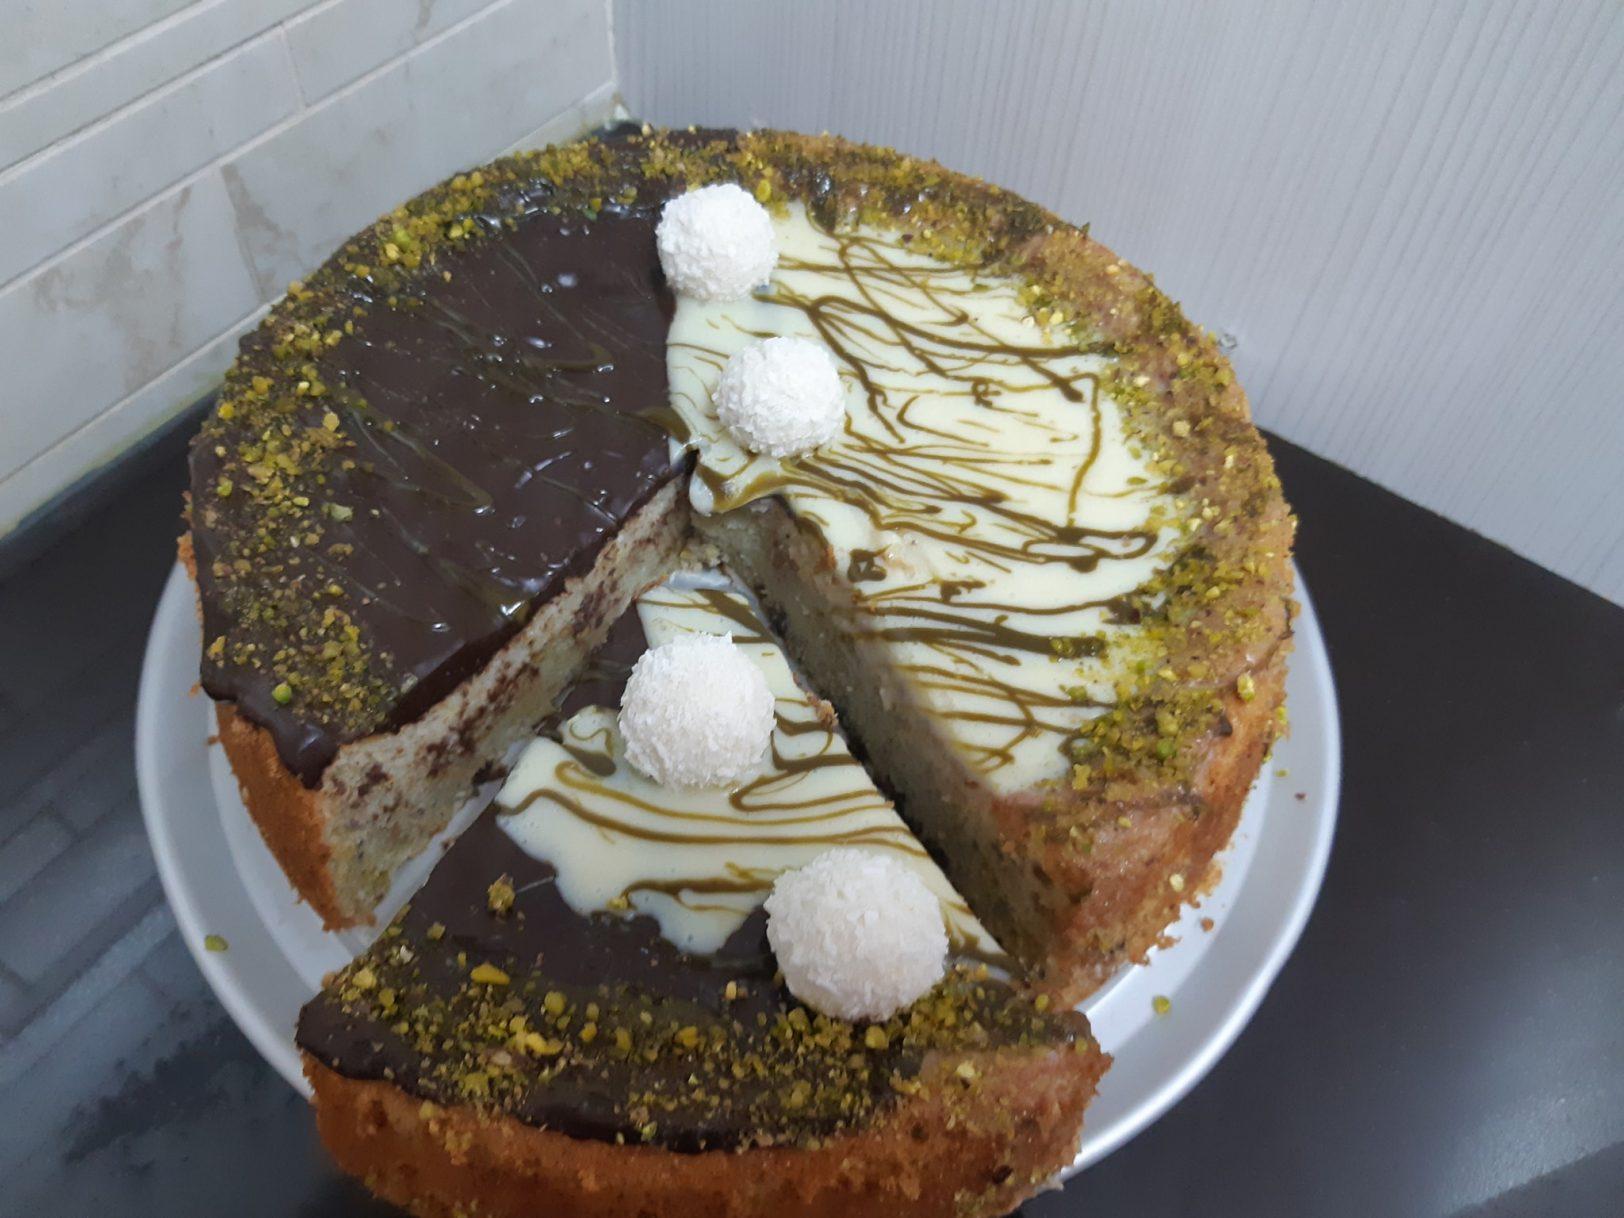 עוגת שיפון קוקוס ופיסטוק_מתכון של אורנה ועלני